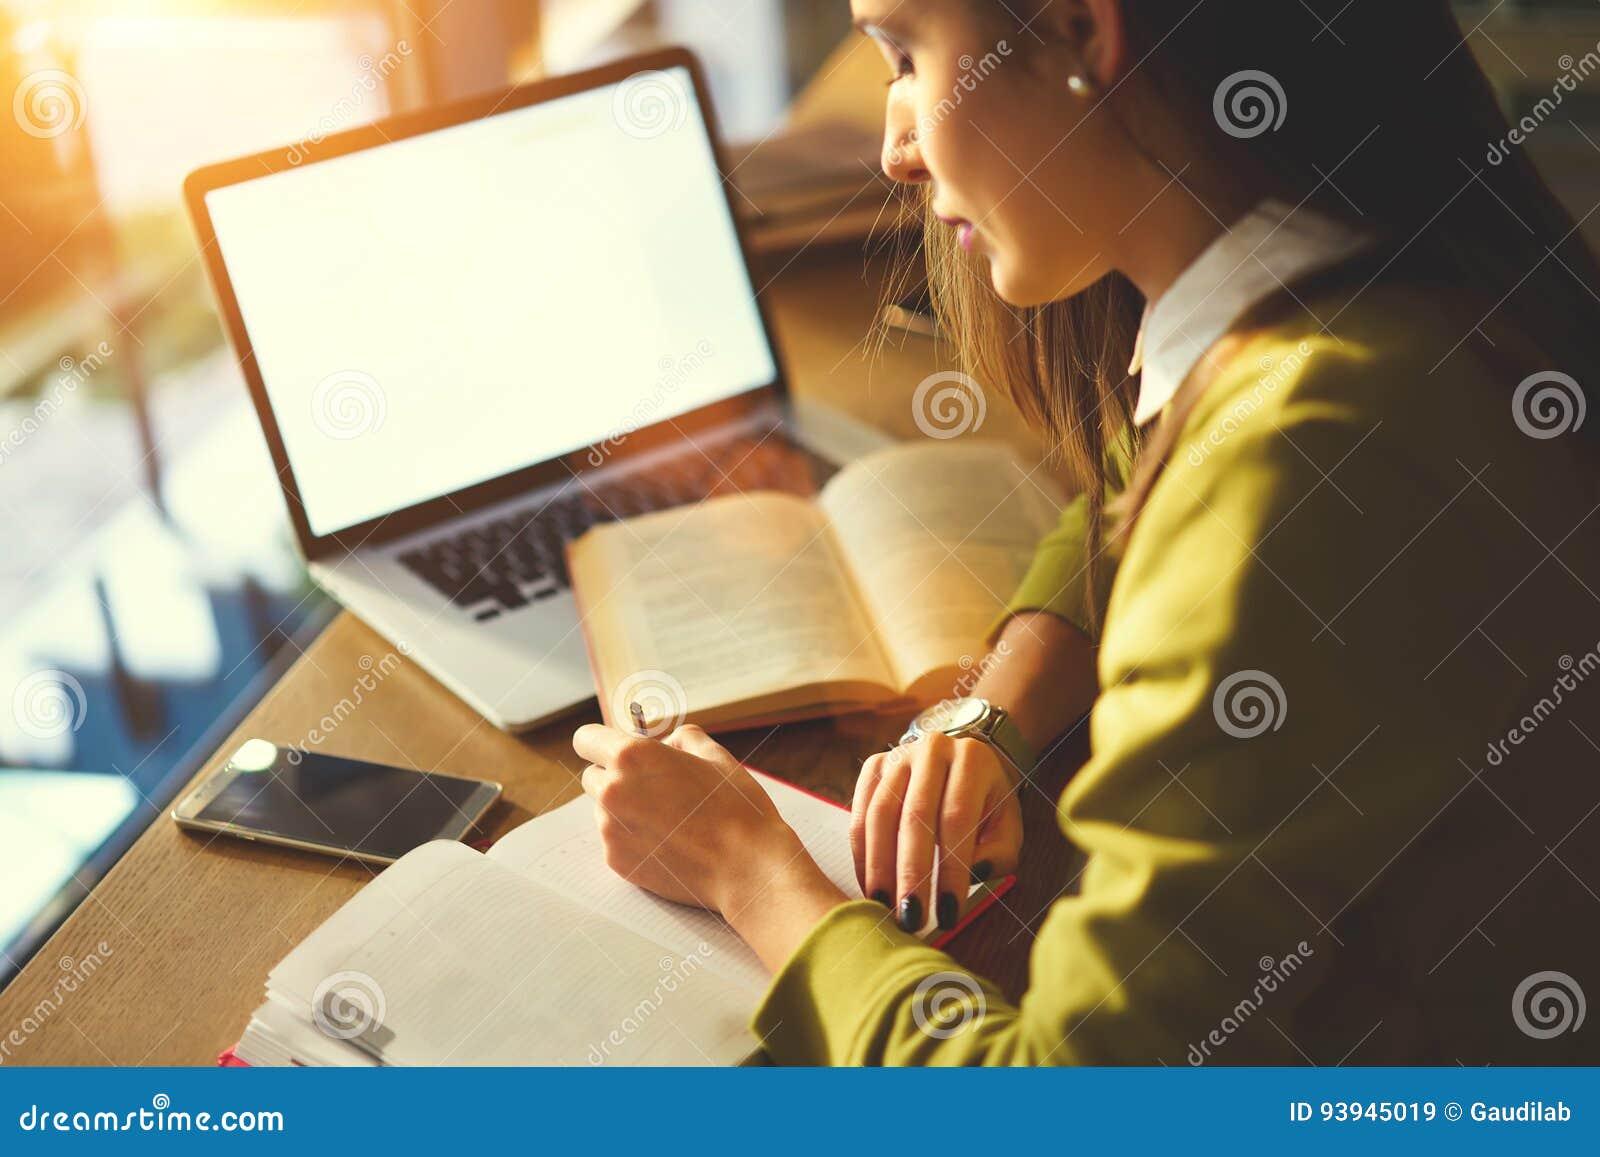 La mujer de negocios hermosa con el pelo oscuro y el suéter amarillo trabaja en coworking